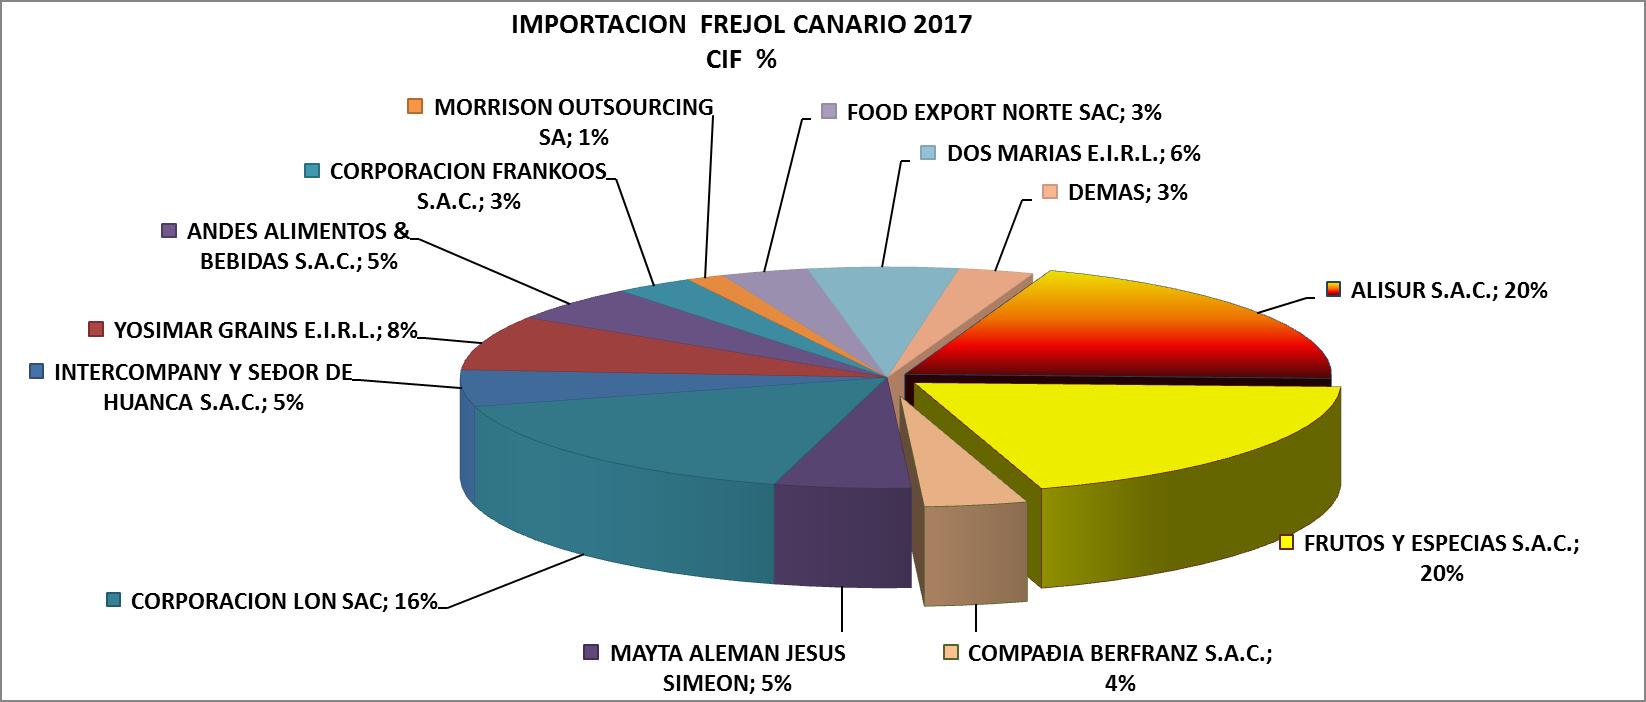 Frejol Canario Perú Importación 2017 Marzo